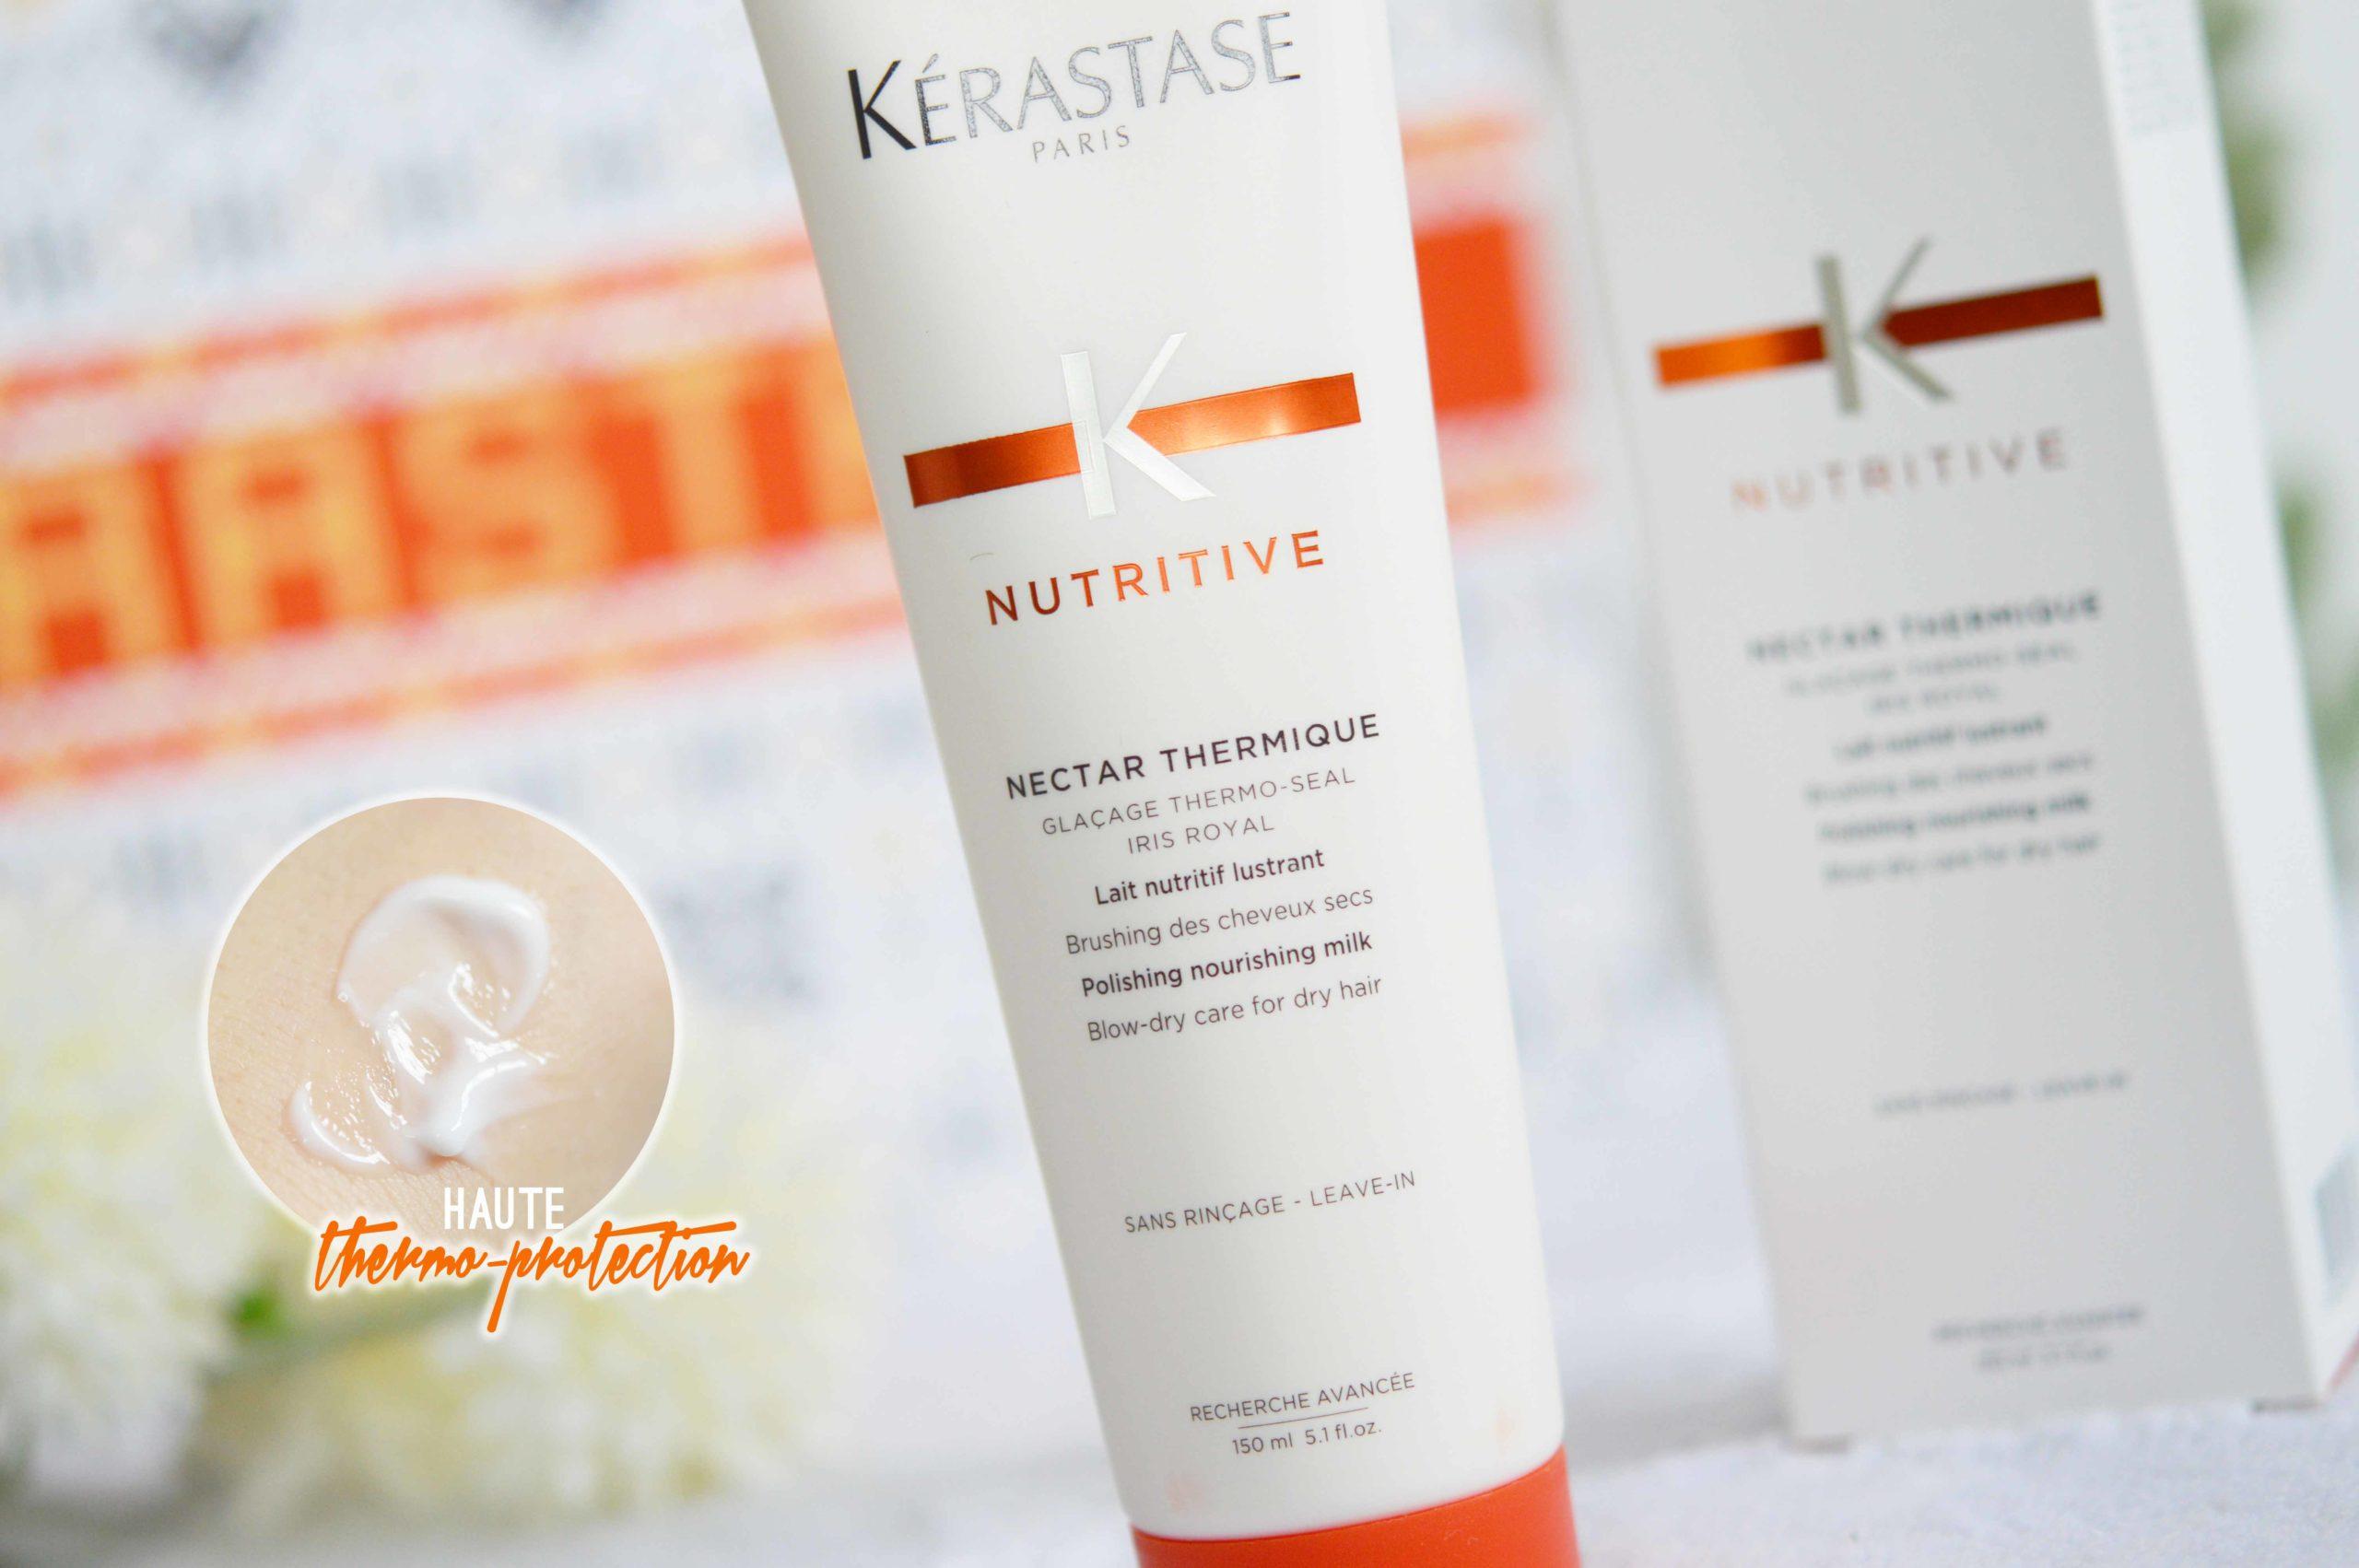 Le nectar thermique va aider à protéger de la chaleur et nourrir les cheveux